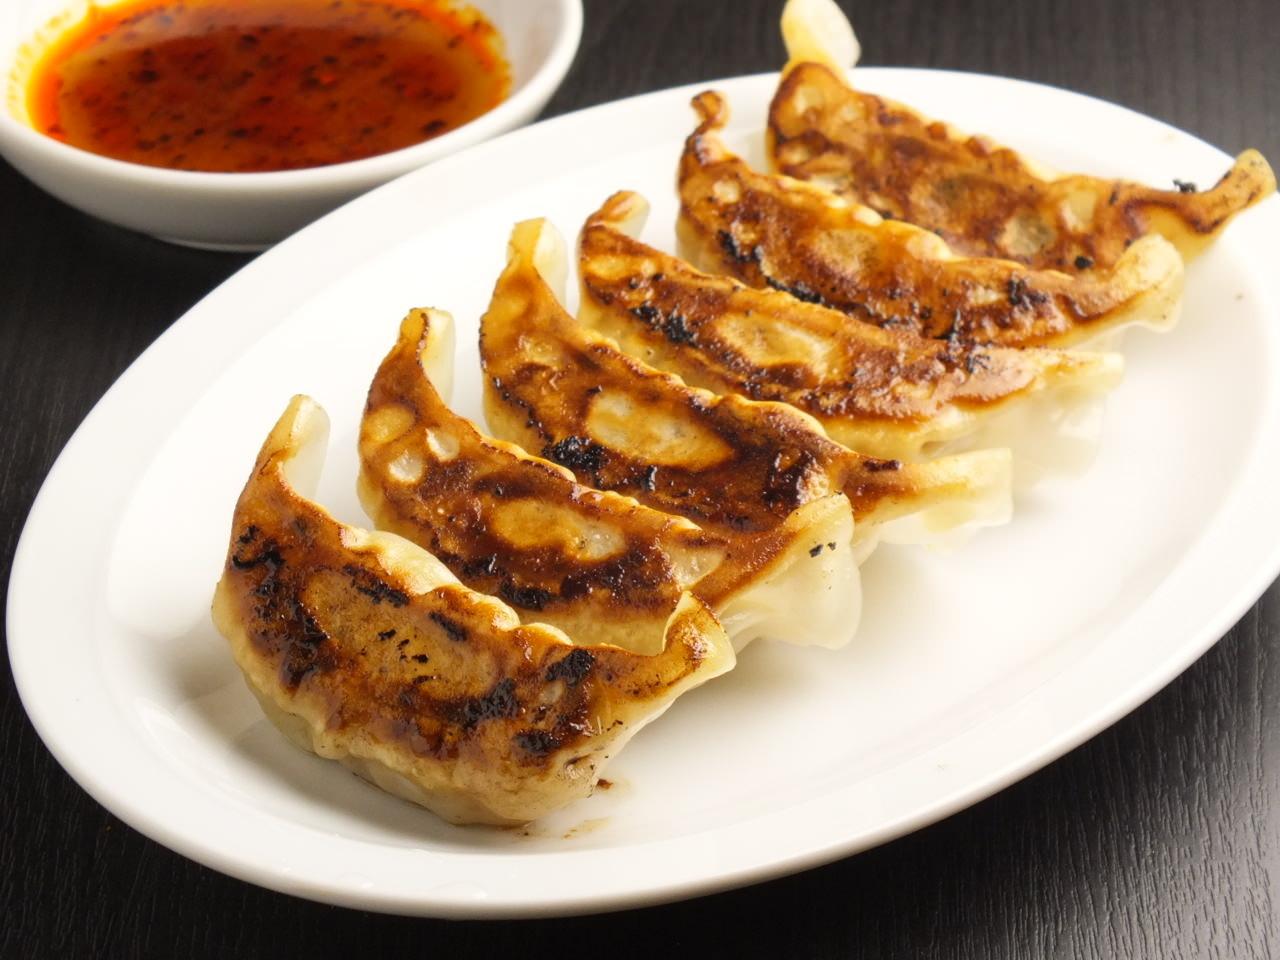 ラーメンにもご飯のおかずにも合う!美味しい簡単餃子レシピ♪のサムネイル画像